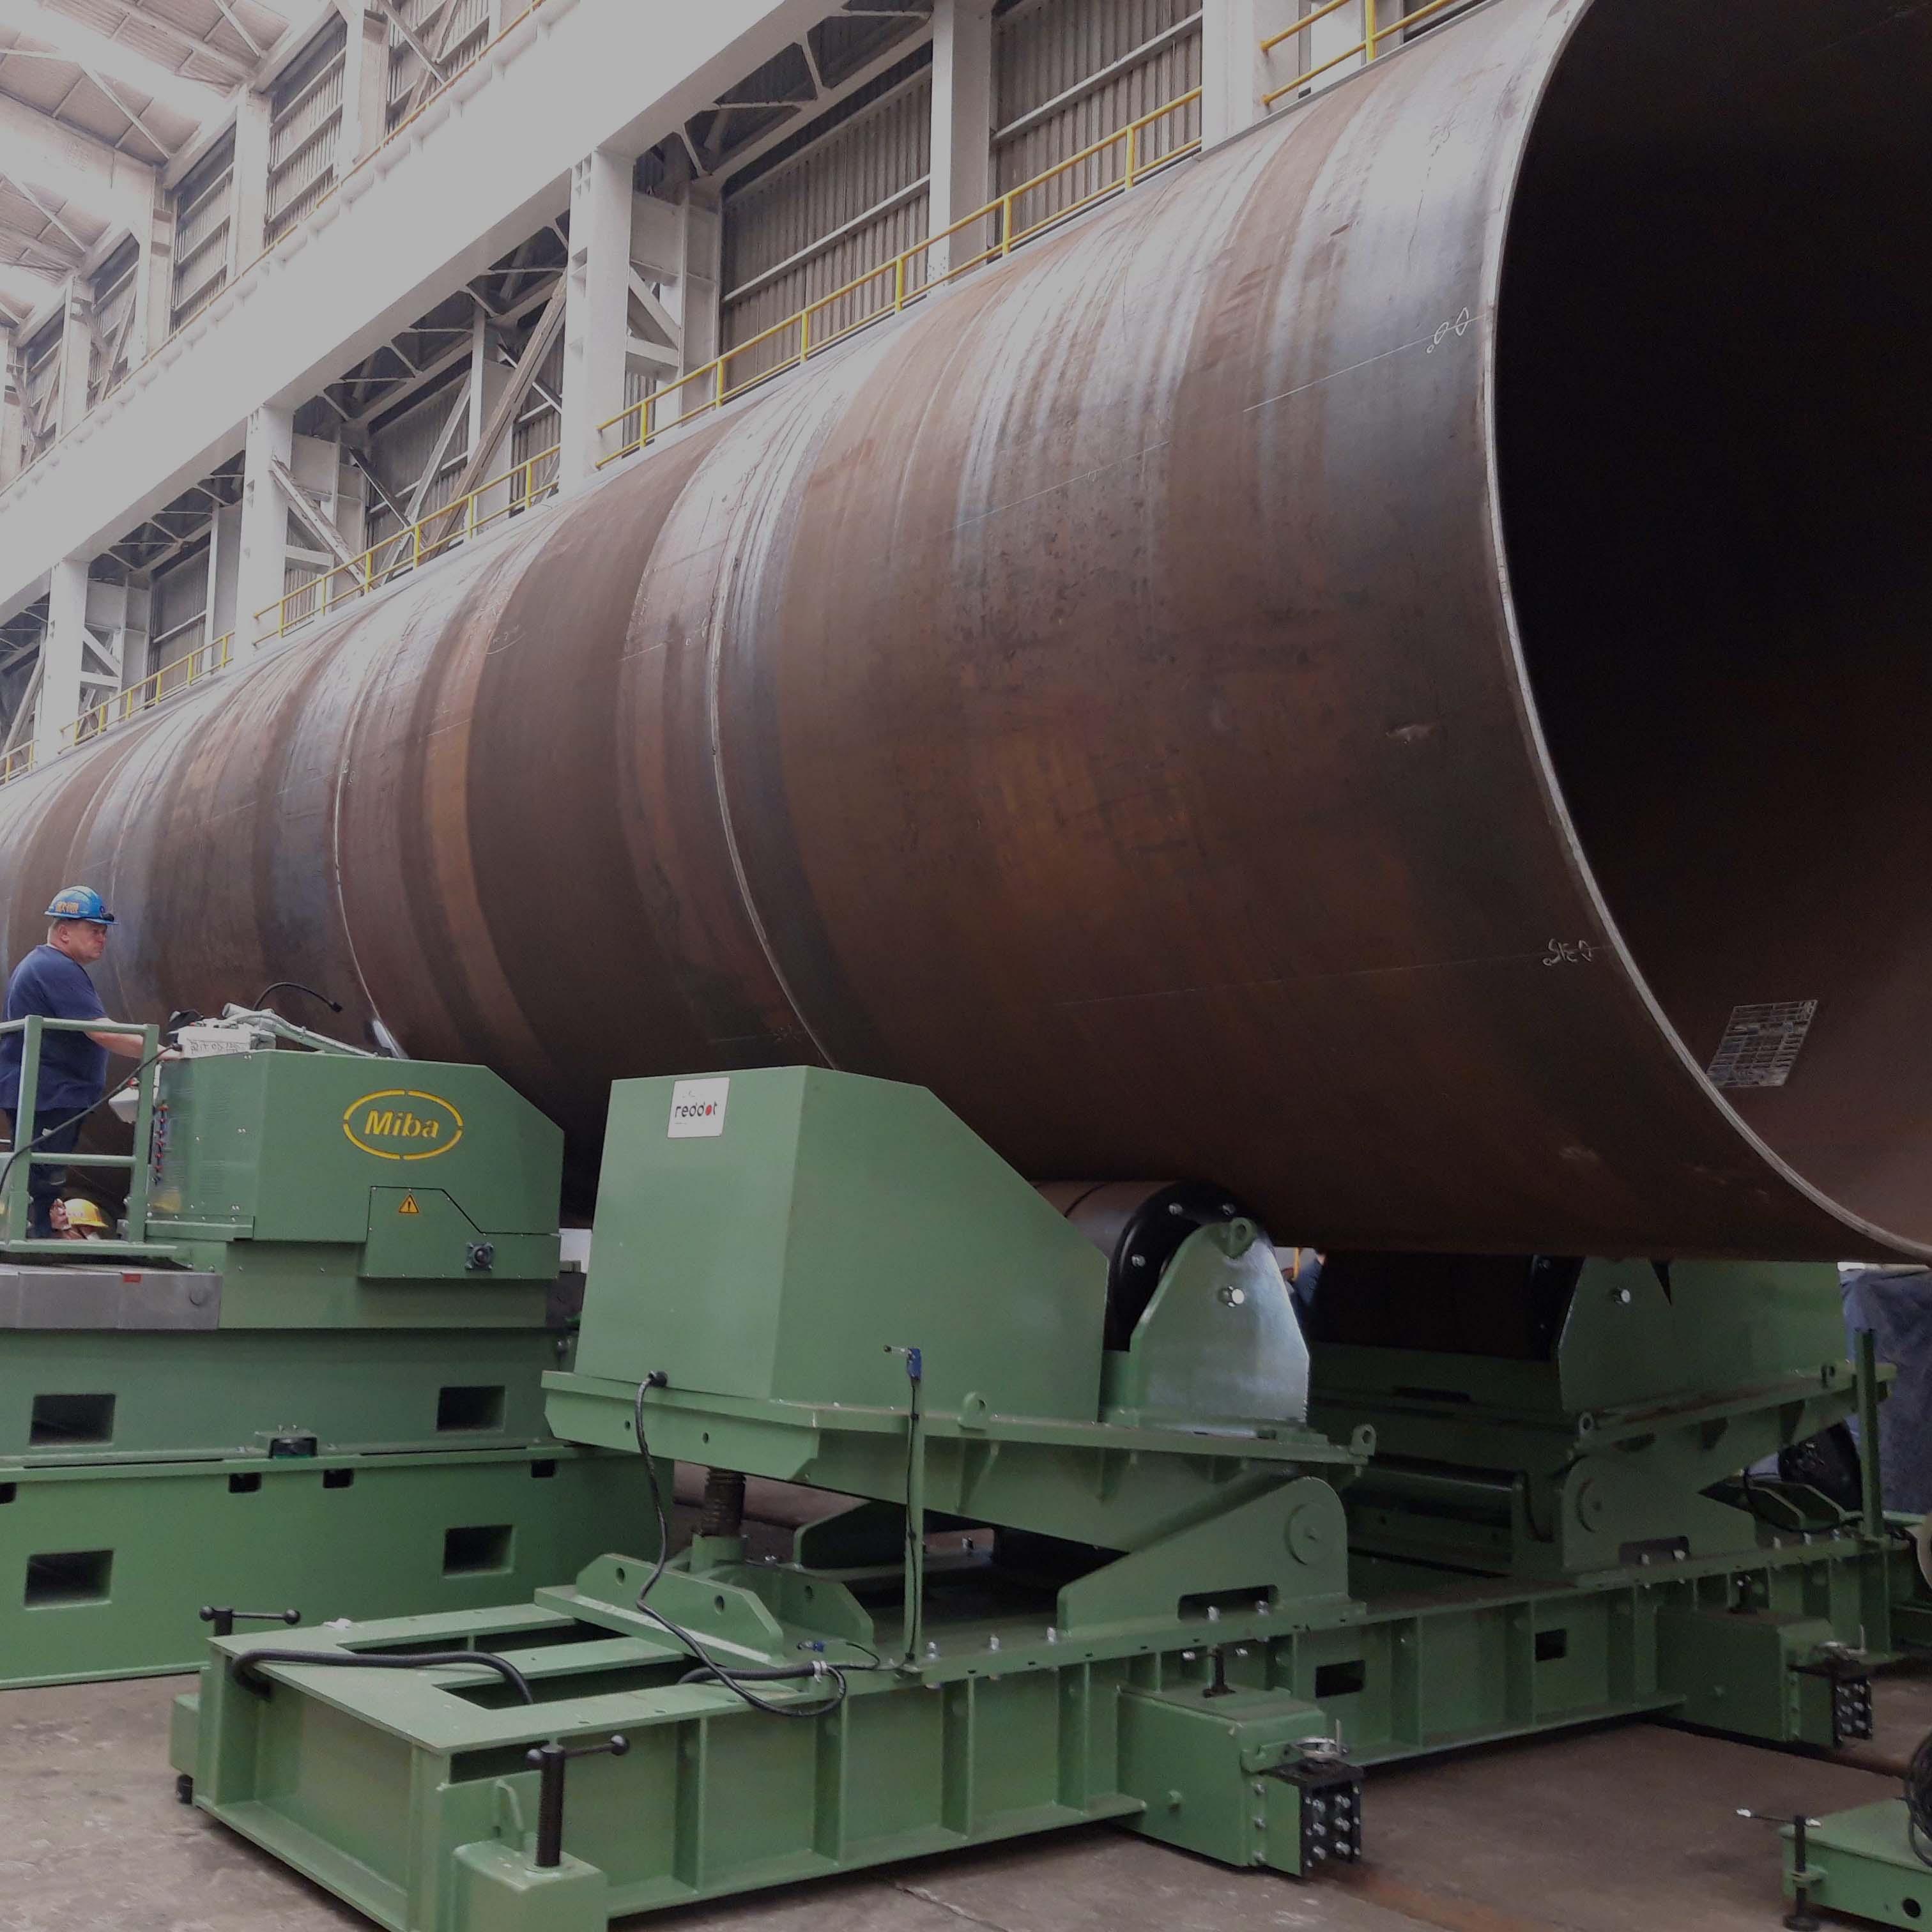 Miba liefert Maschinen für den Bau für Offshore-Windkraftanlagen